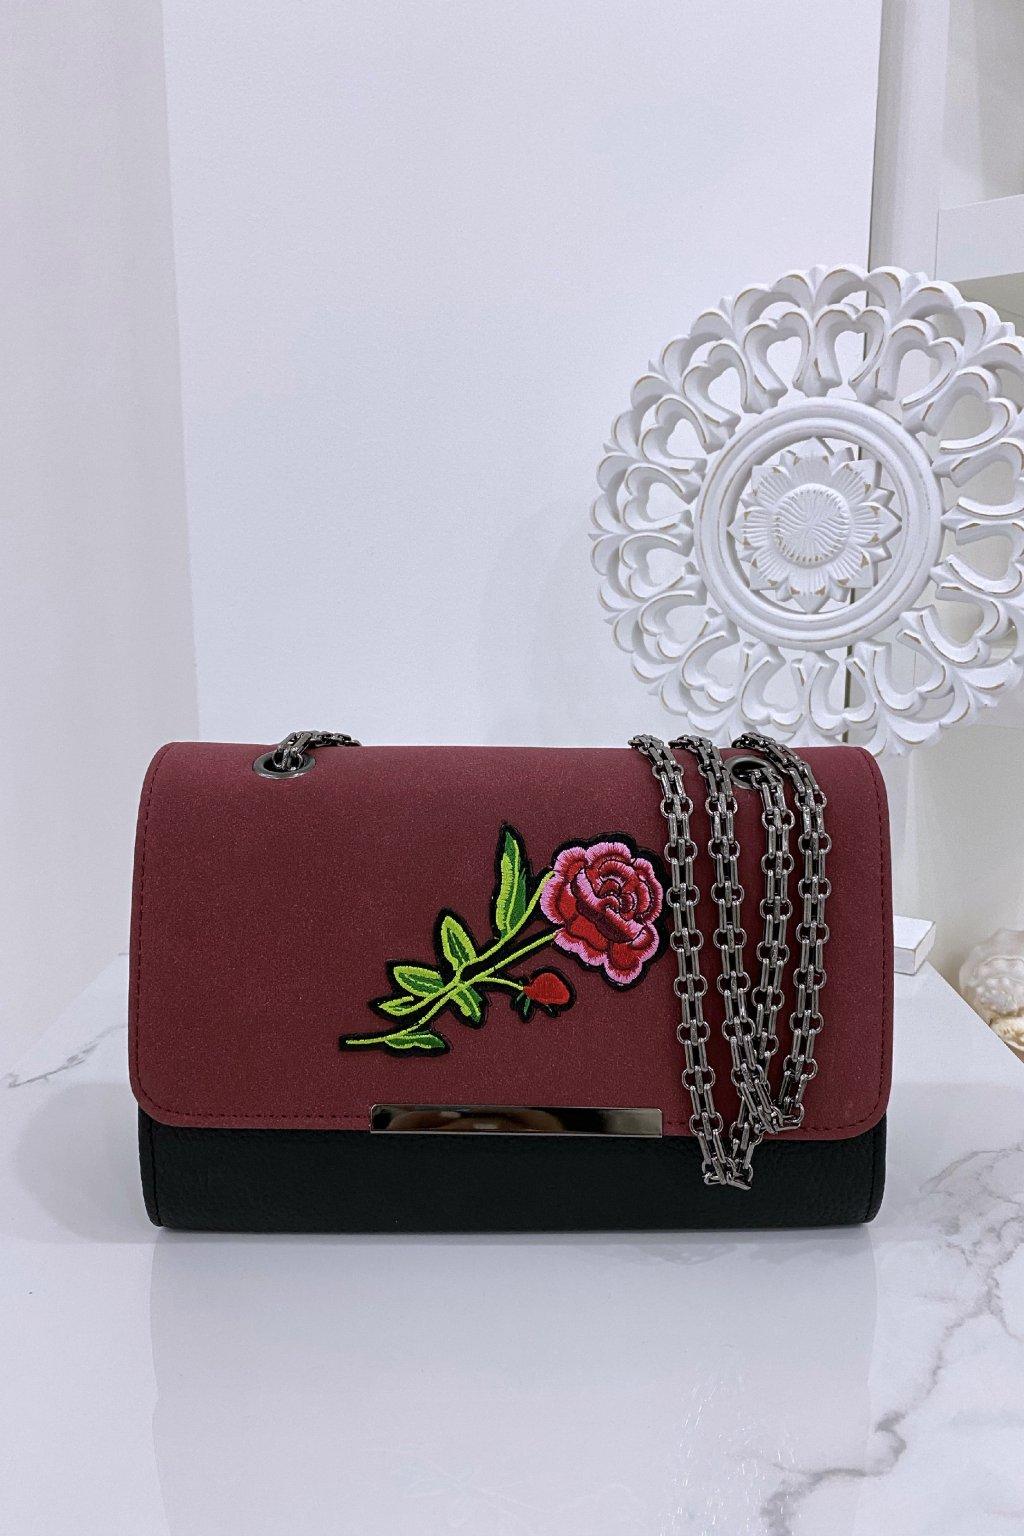 Bordo kabelka - Rose